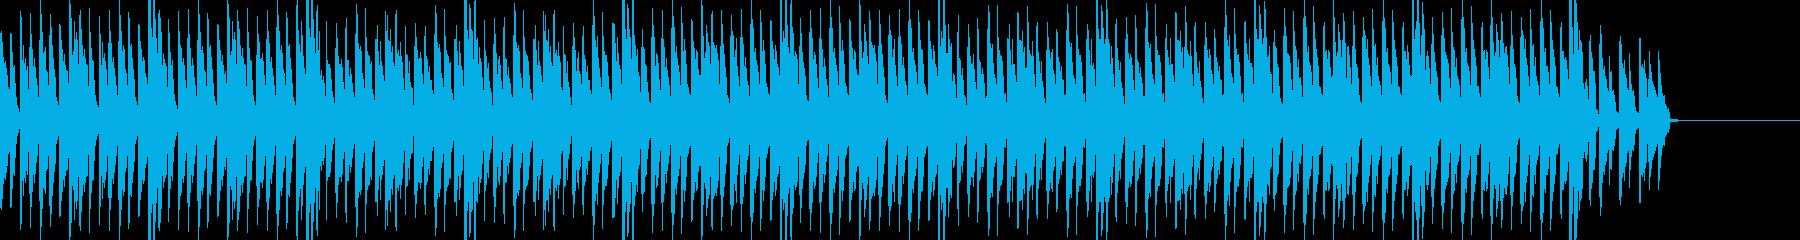 ハイテンションなバトルをテクノシンセでの再生済みの波形